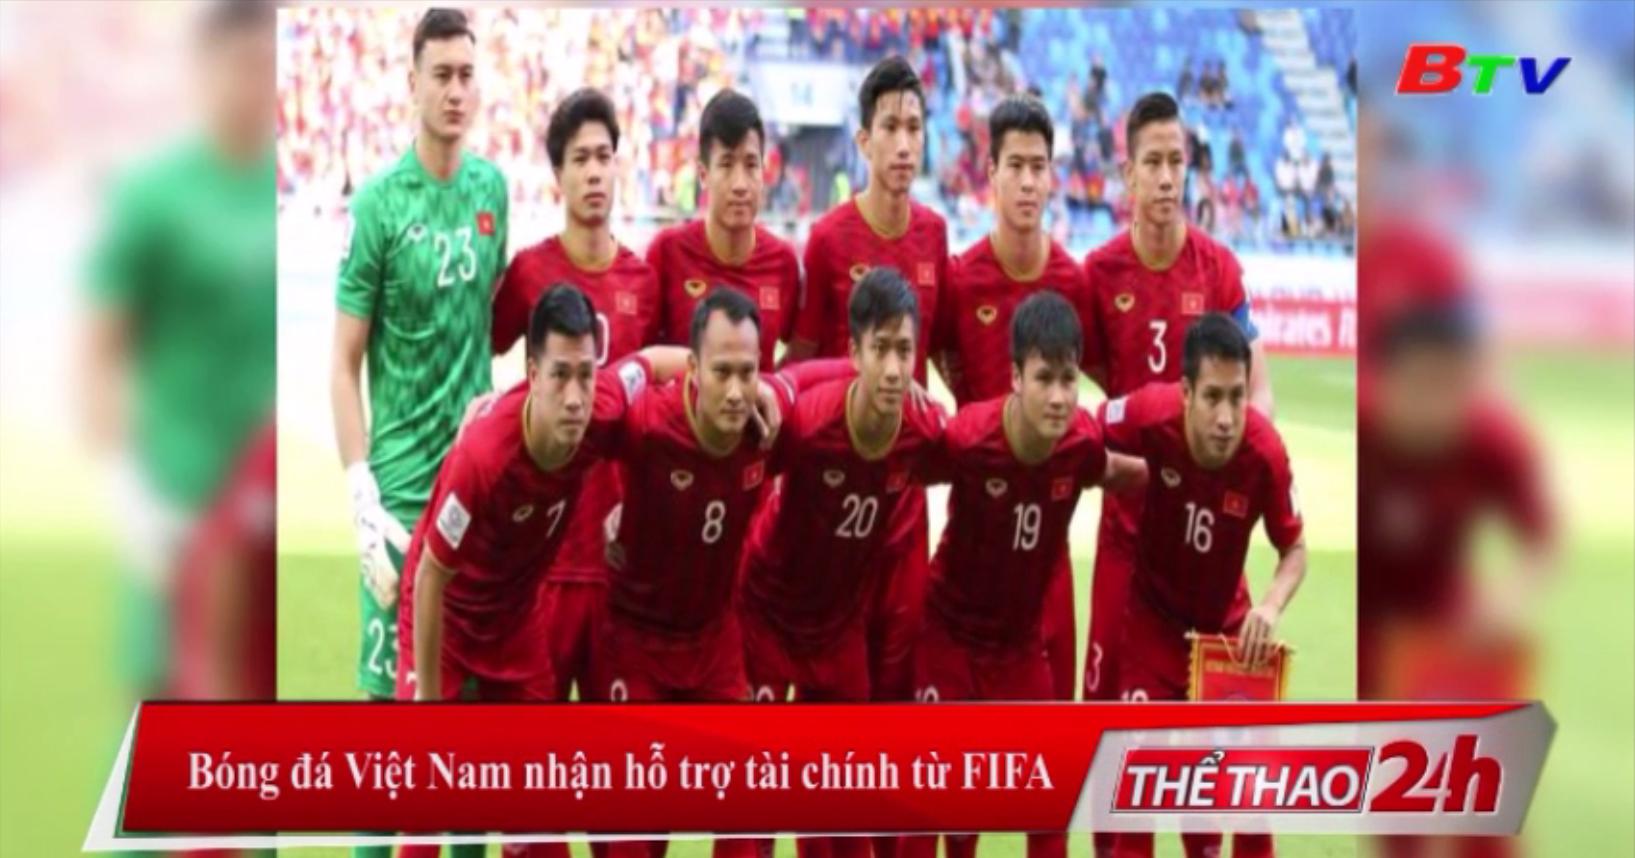 Bóng đá Việt Nam nhận hỗ trợ tài chính từ FIFA